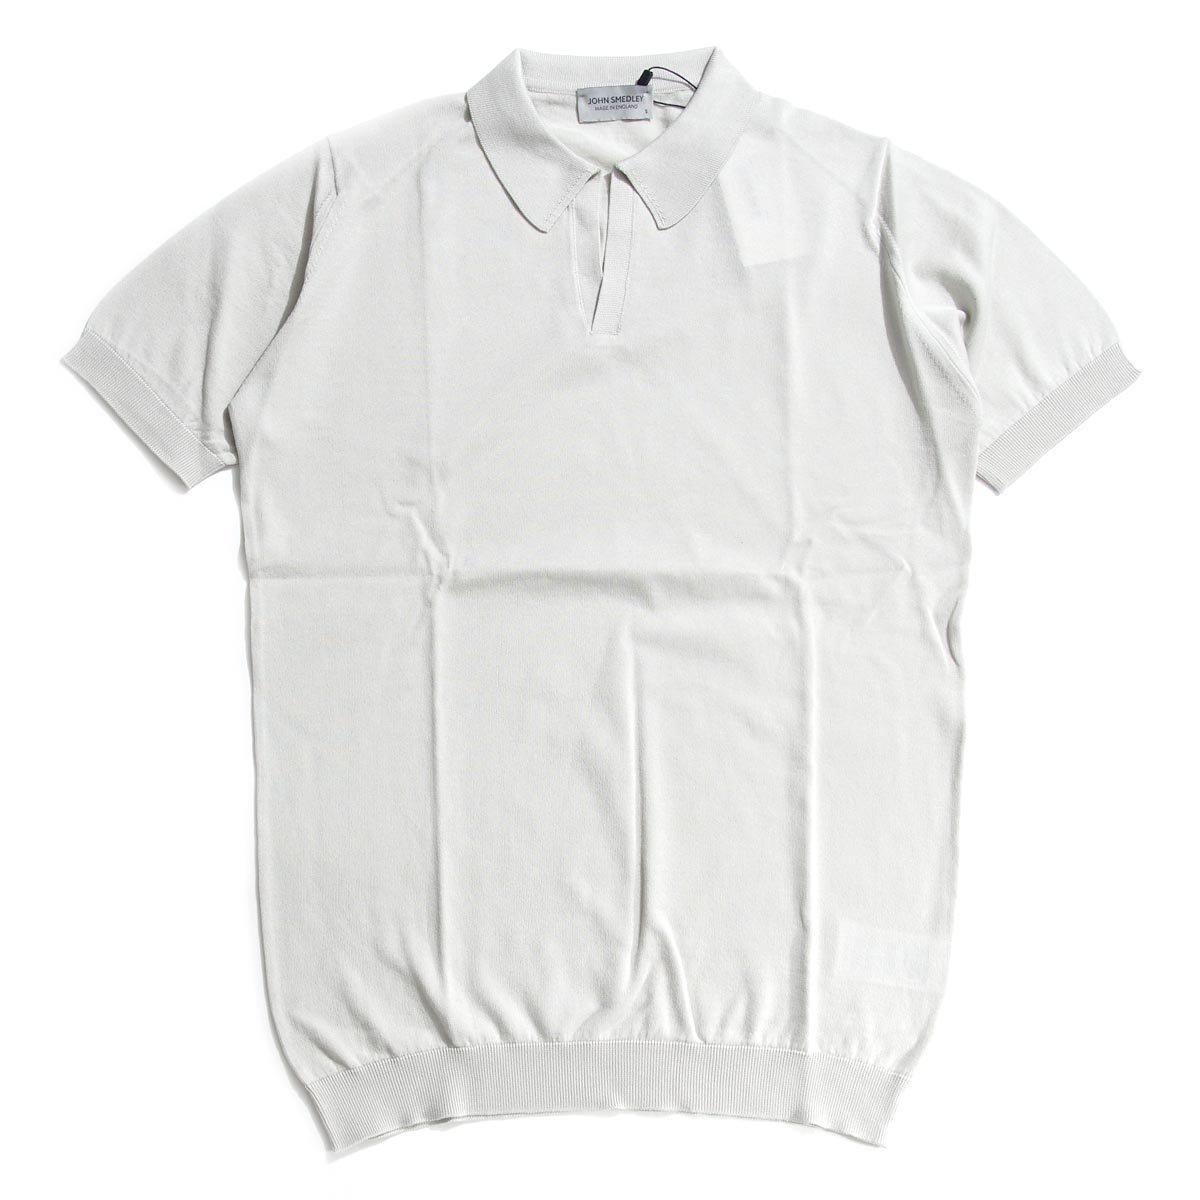 (ジョンスメドレー) JOHN SMEDLEY ニット ポロシャツ/NOAH [並行輸入品] B0771QWWSG S BRUNELBEIGE BRUNELBEIGE S